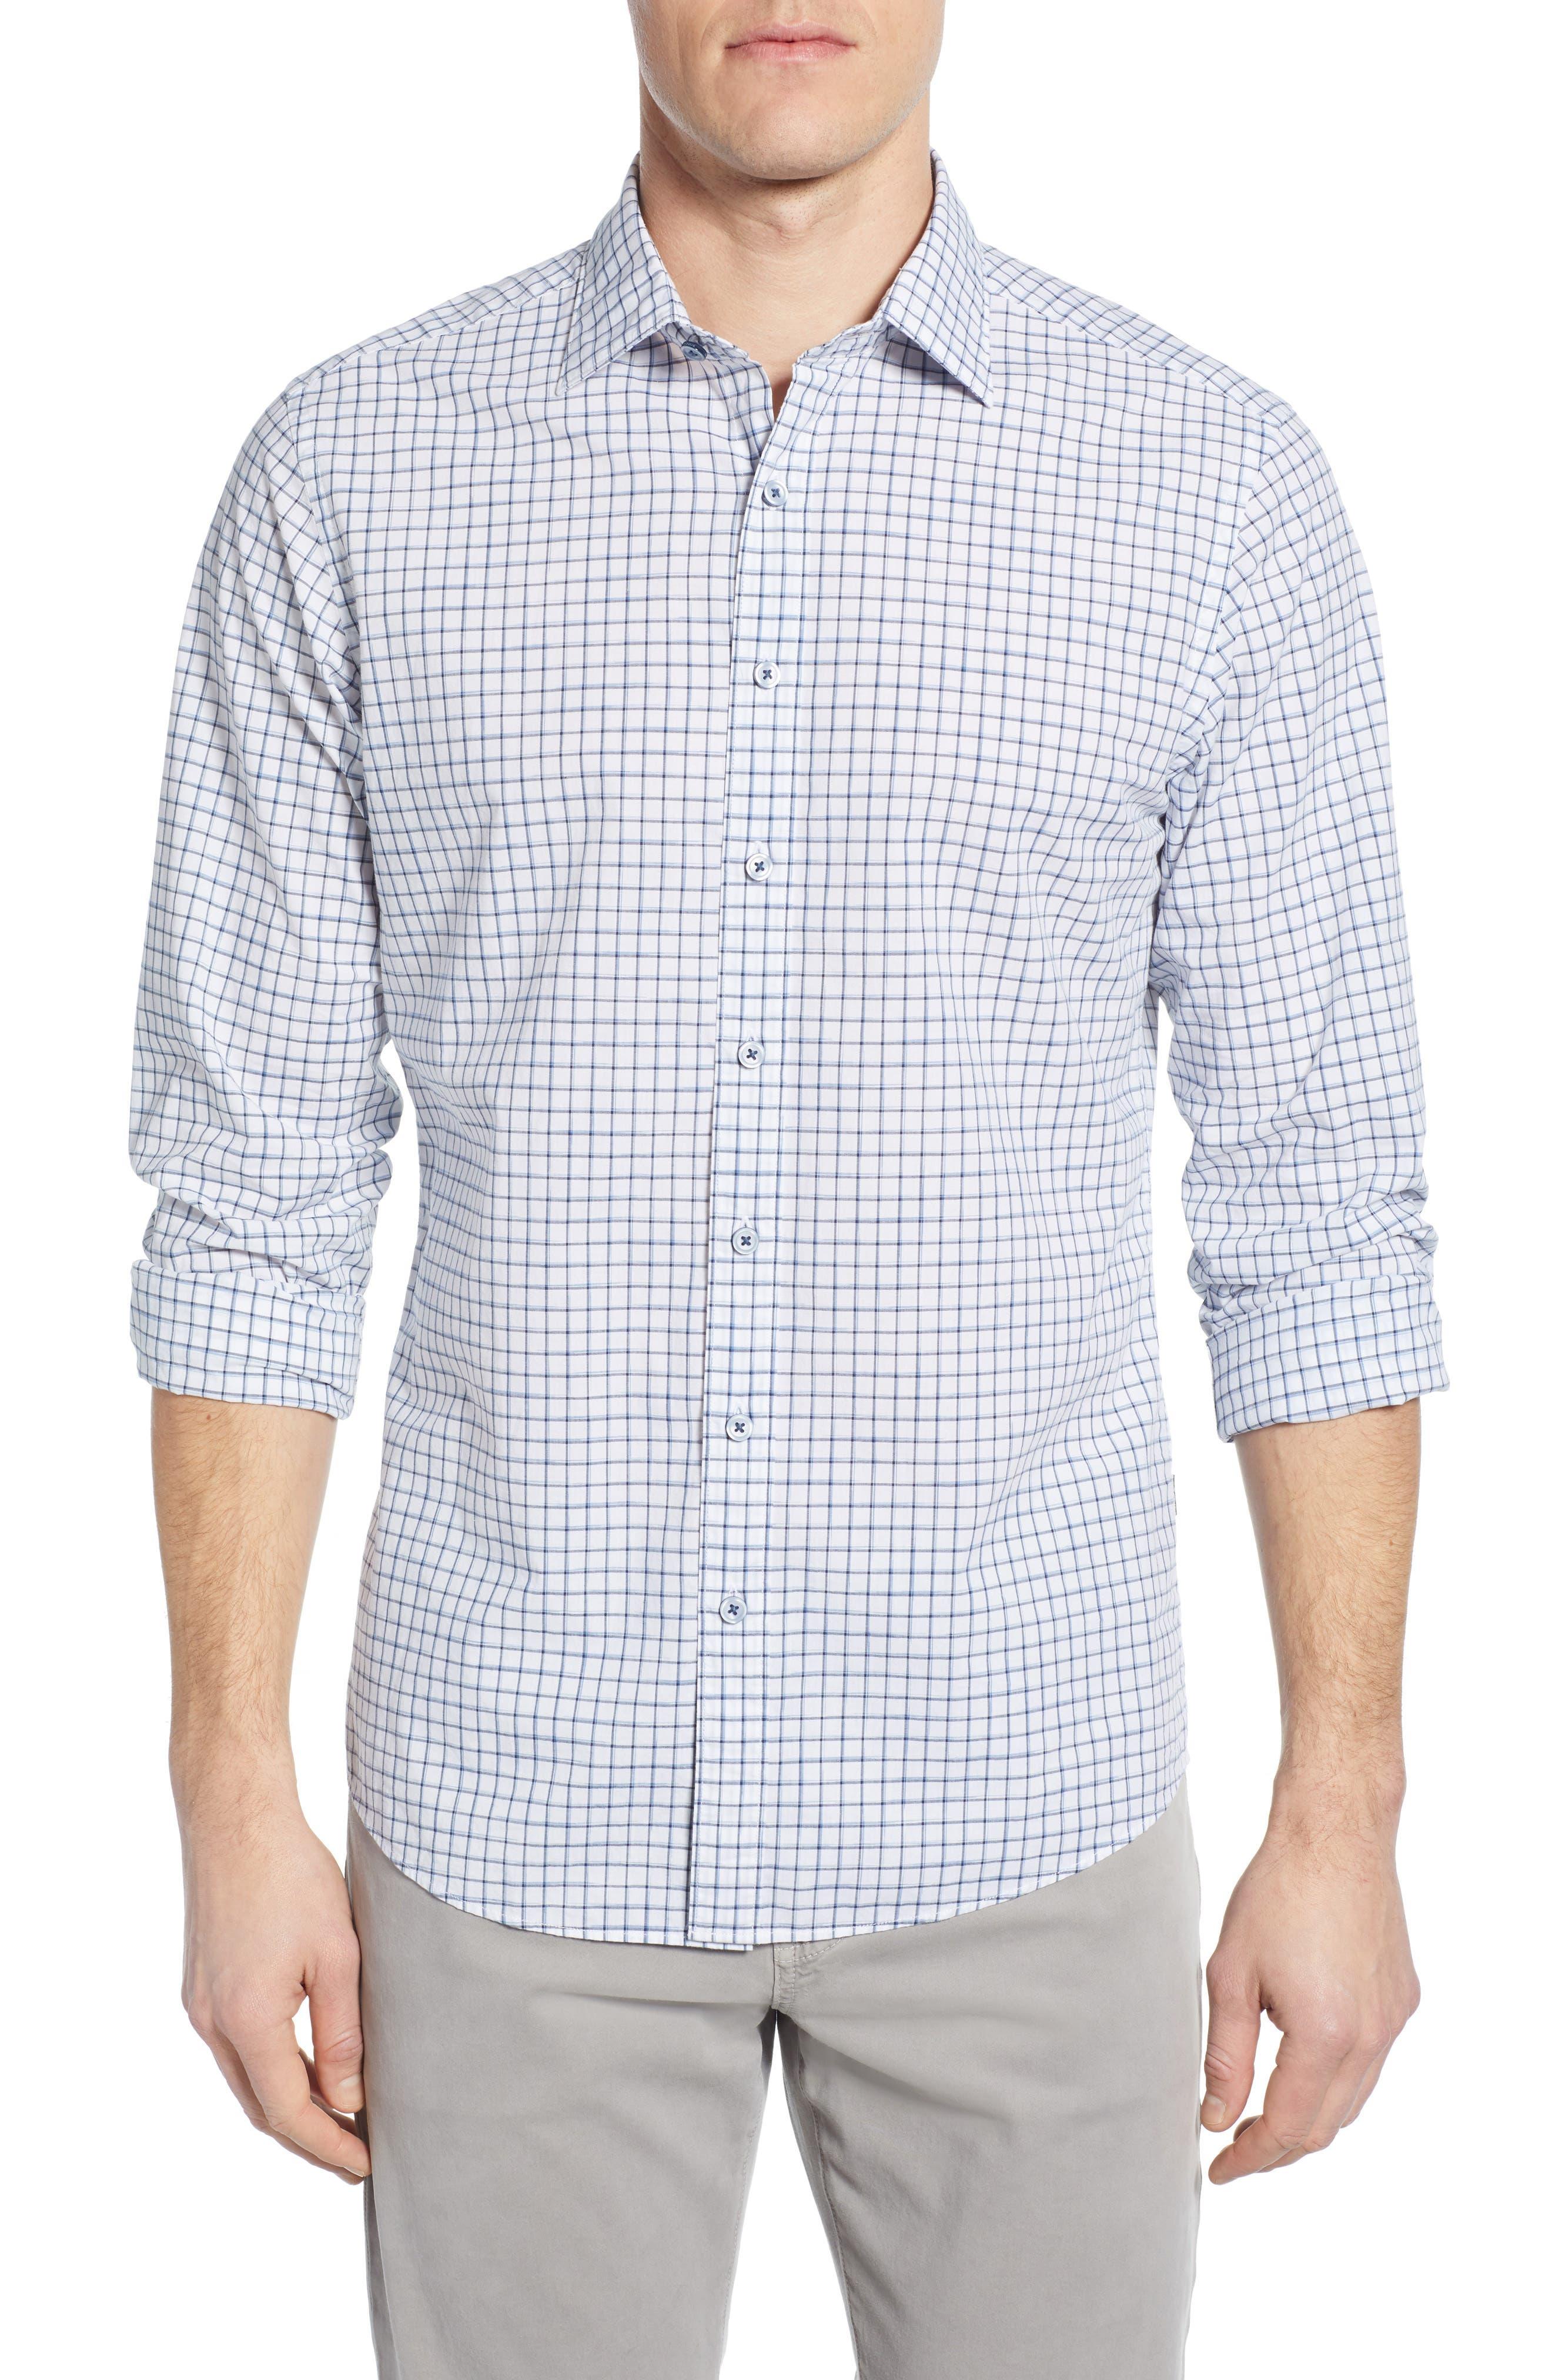 RODD & GUNN Gowerville Regular Fit Check Sport Shirt, Main, color, SNOW